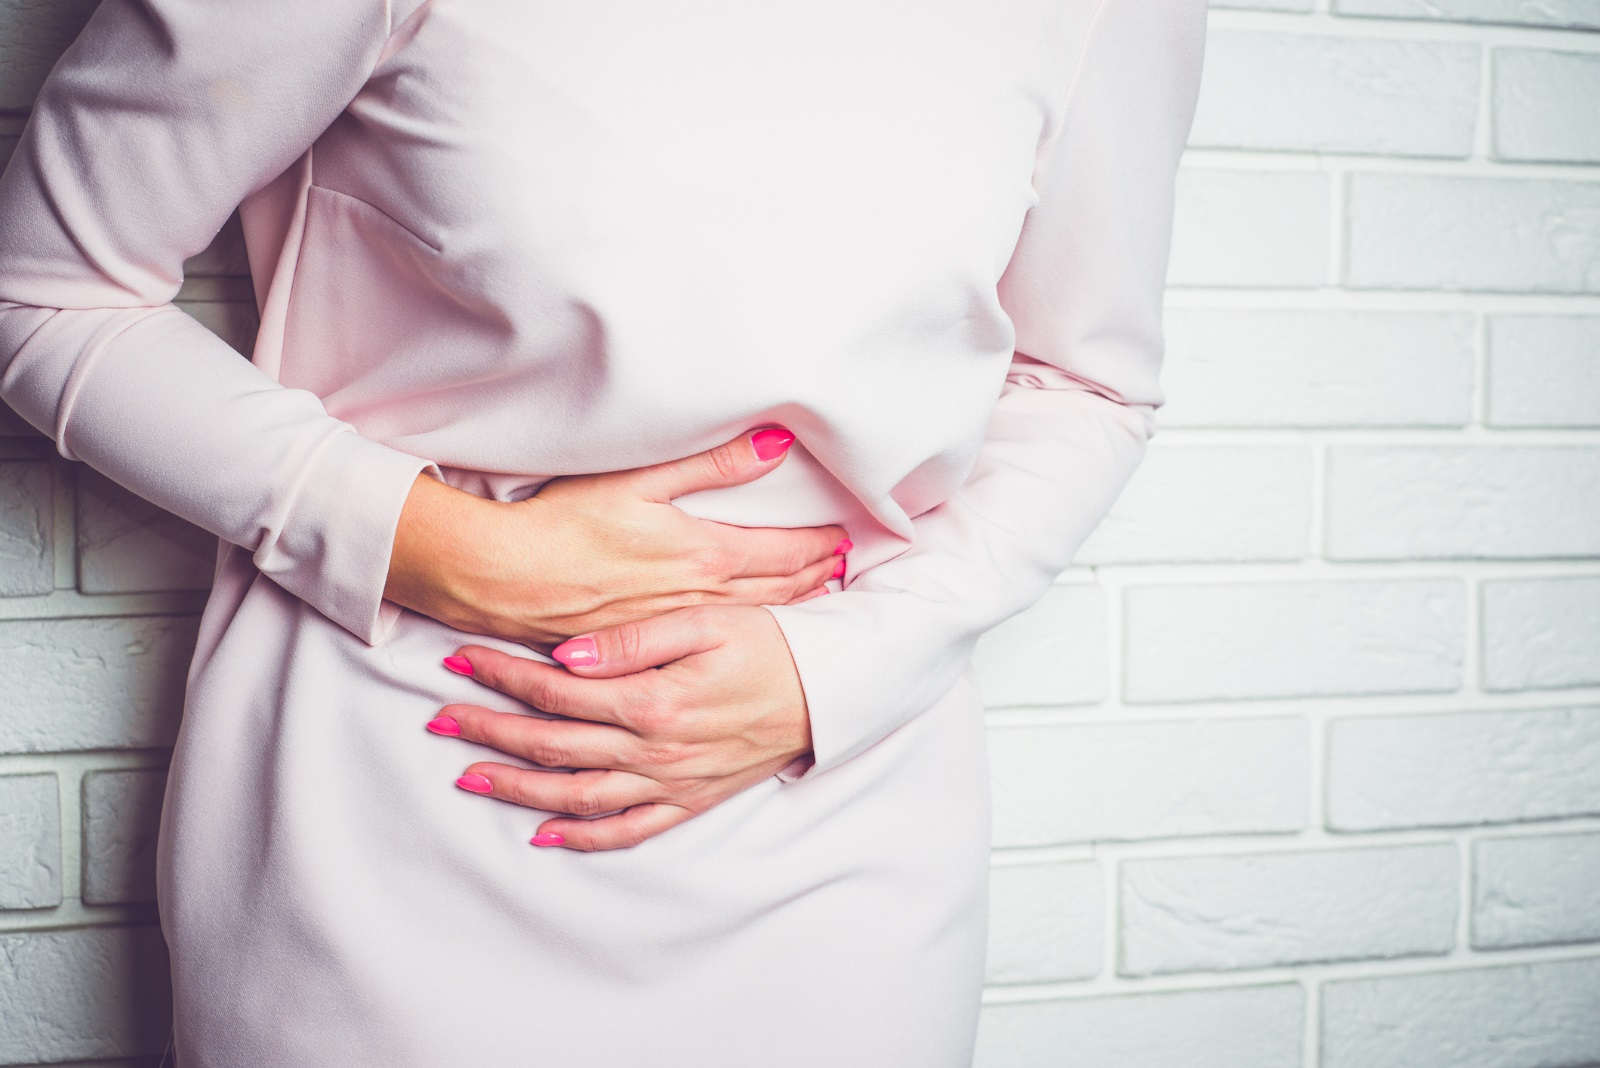 Заради съдържанието си на глицин и пролин колагенът подпомага за цялостта на стомаха. Затова дефицитът му може да доведе до образуване на язва.